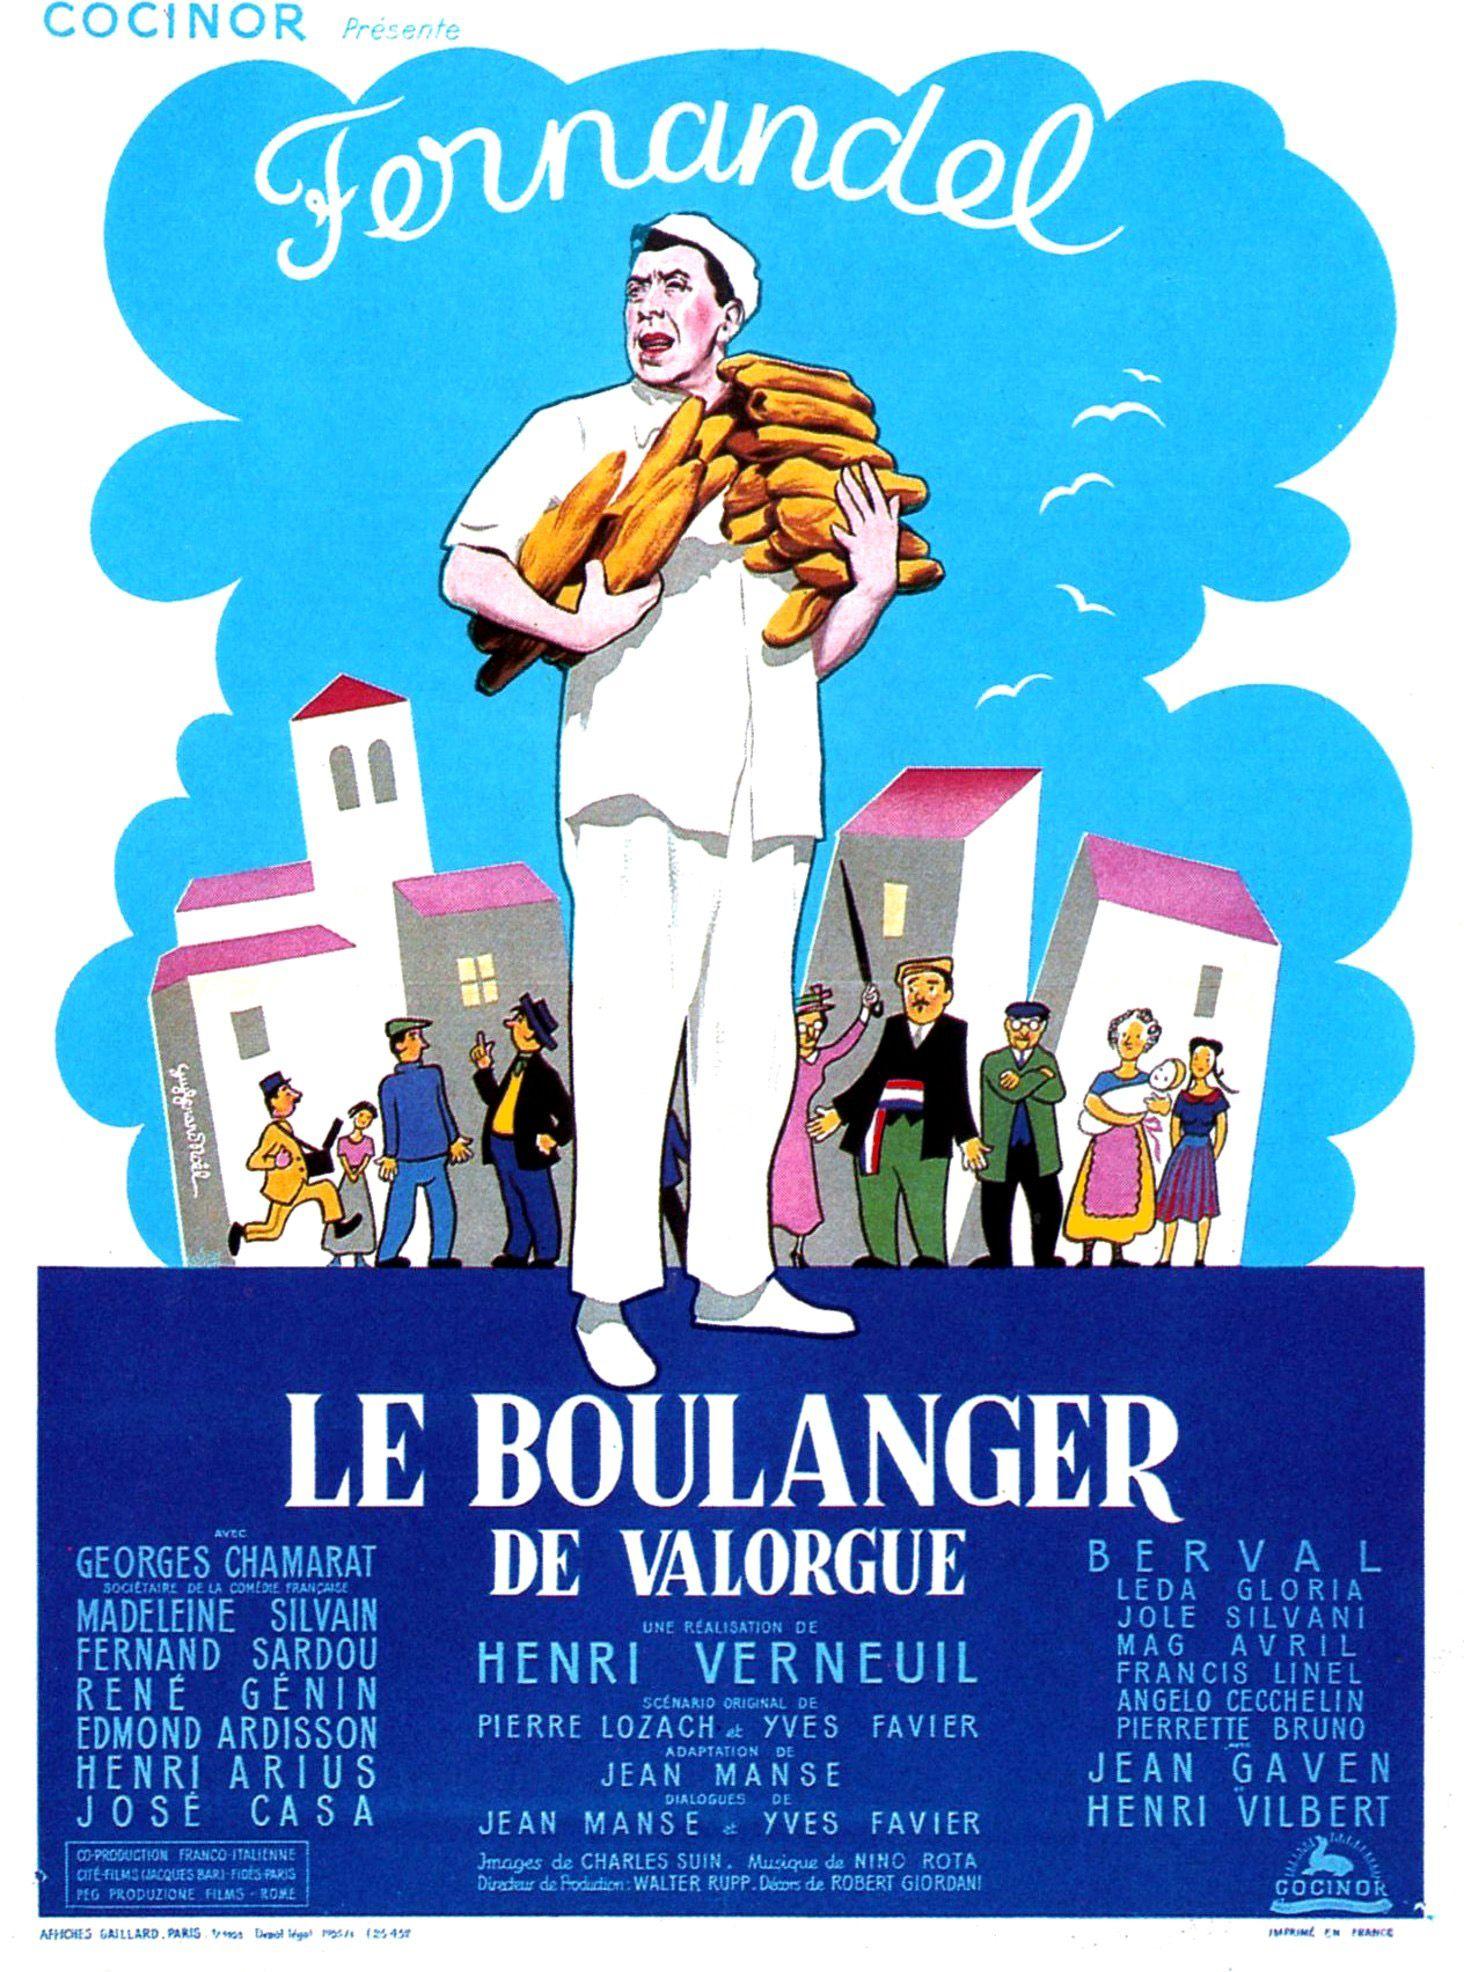 Affiches, posters et images de Le boulanger de Valorgue (1953)